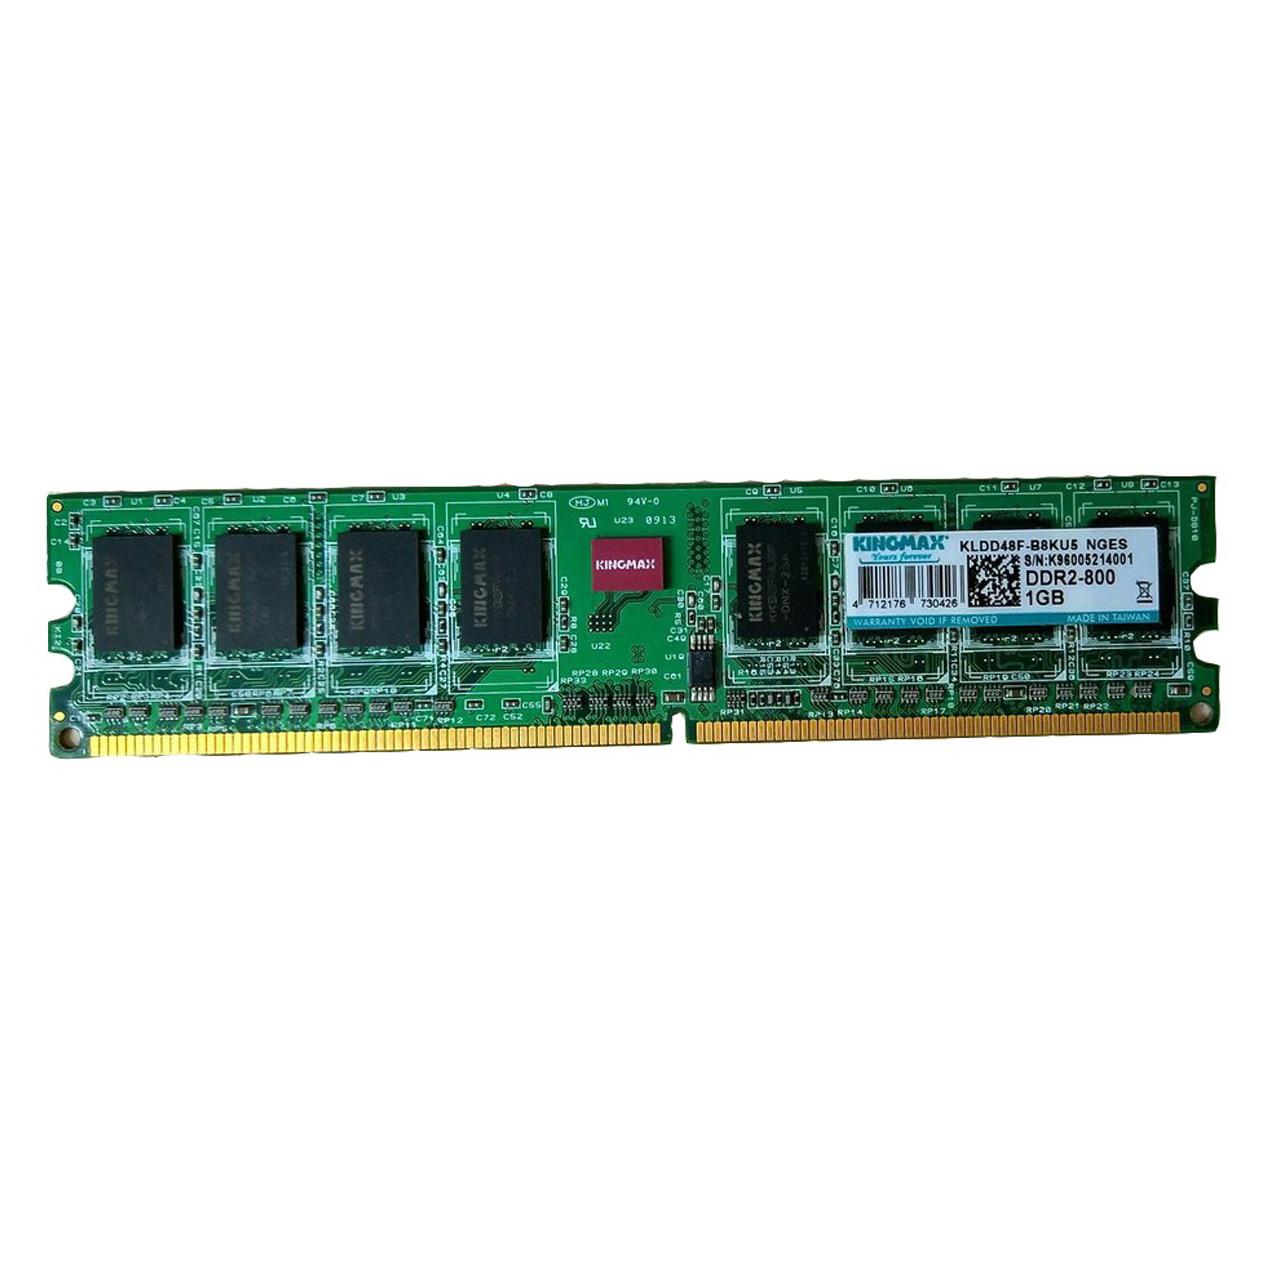 رم دسکتاپ DDR2 تک کاناله 800 مگاهرتز کینگ مکس ظرفیت 1 گیگابایت